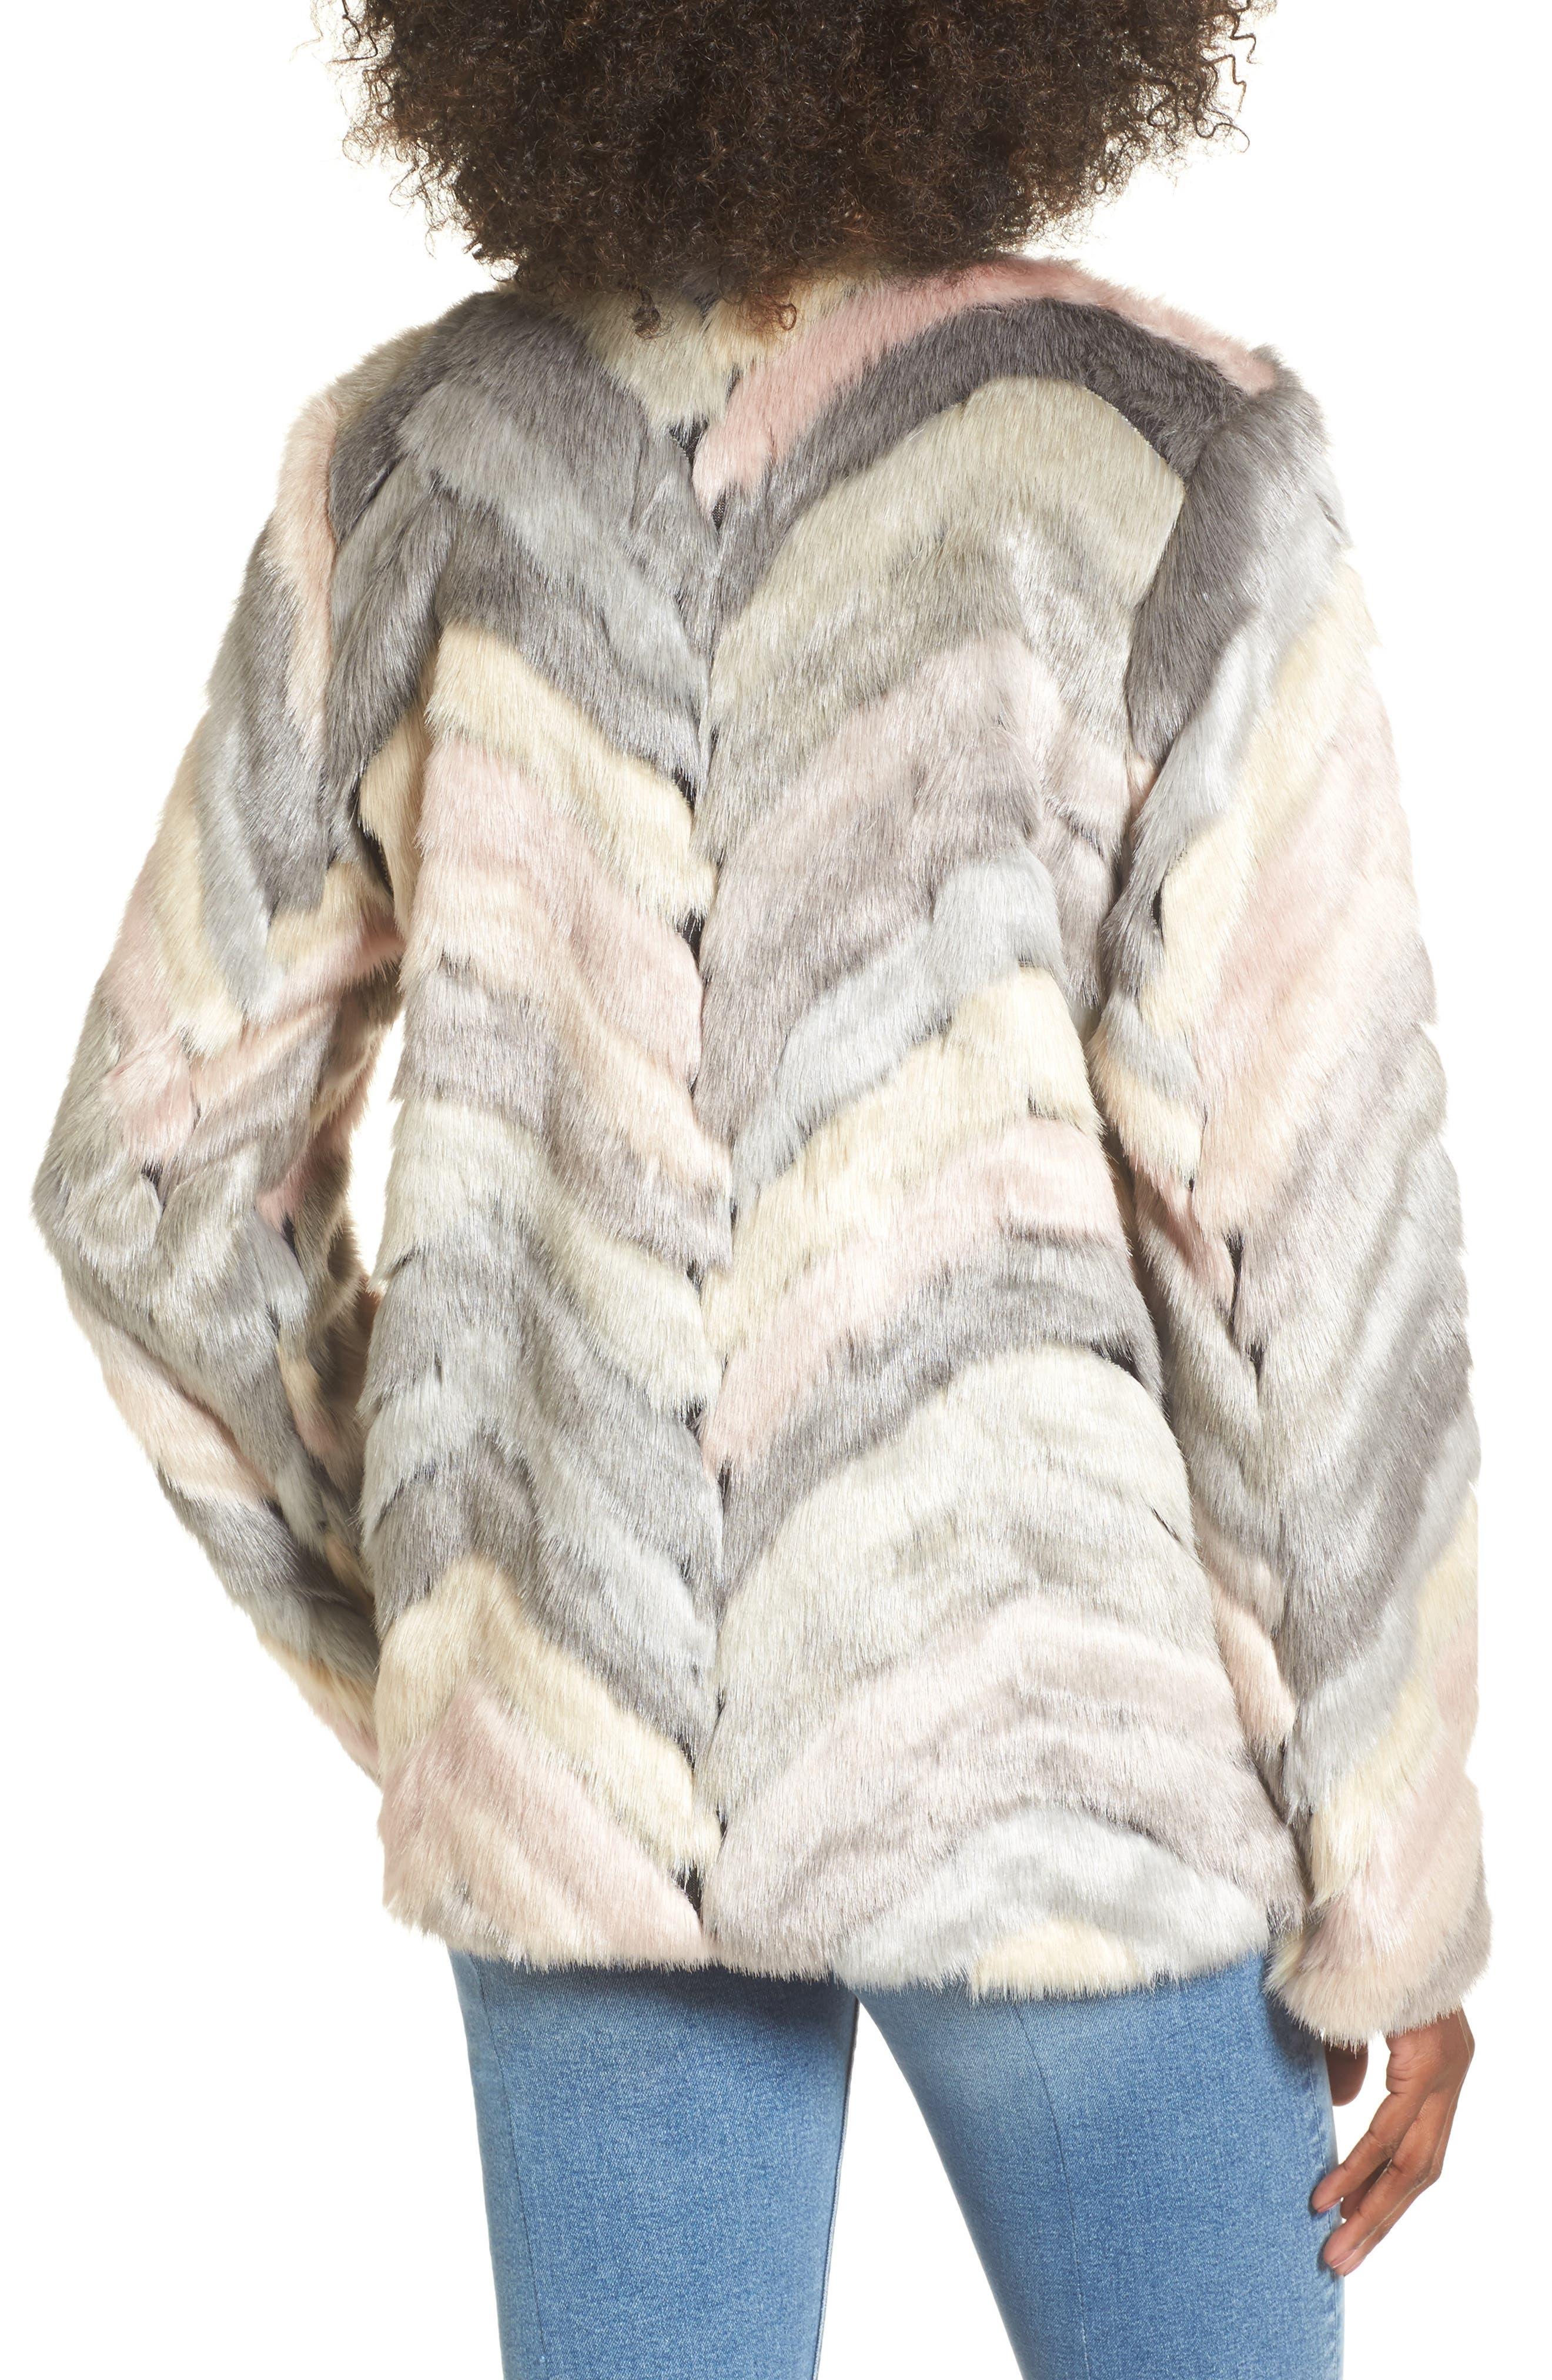 Voila Faux Fur Jacket,                             Alternate thumbnail 2, color,